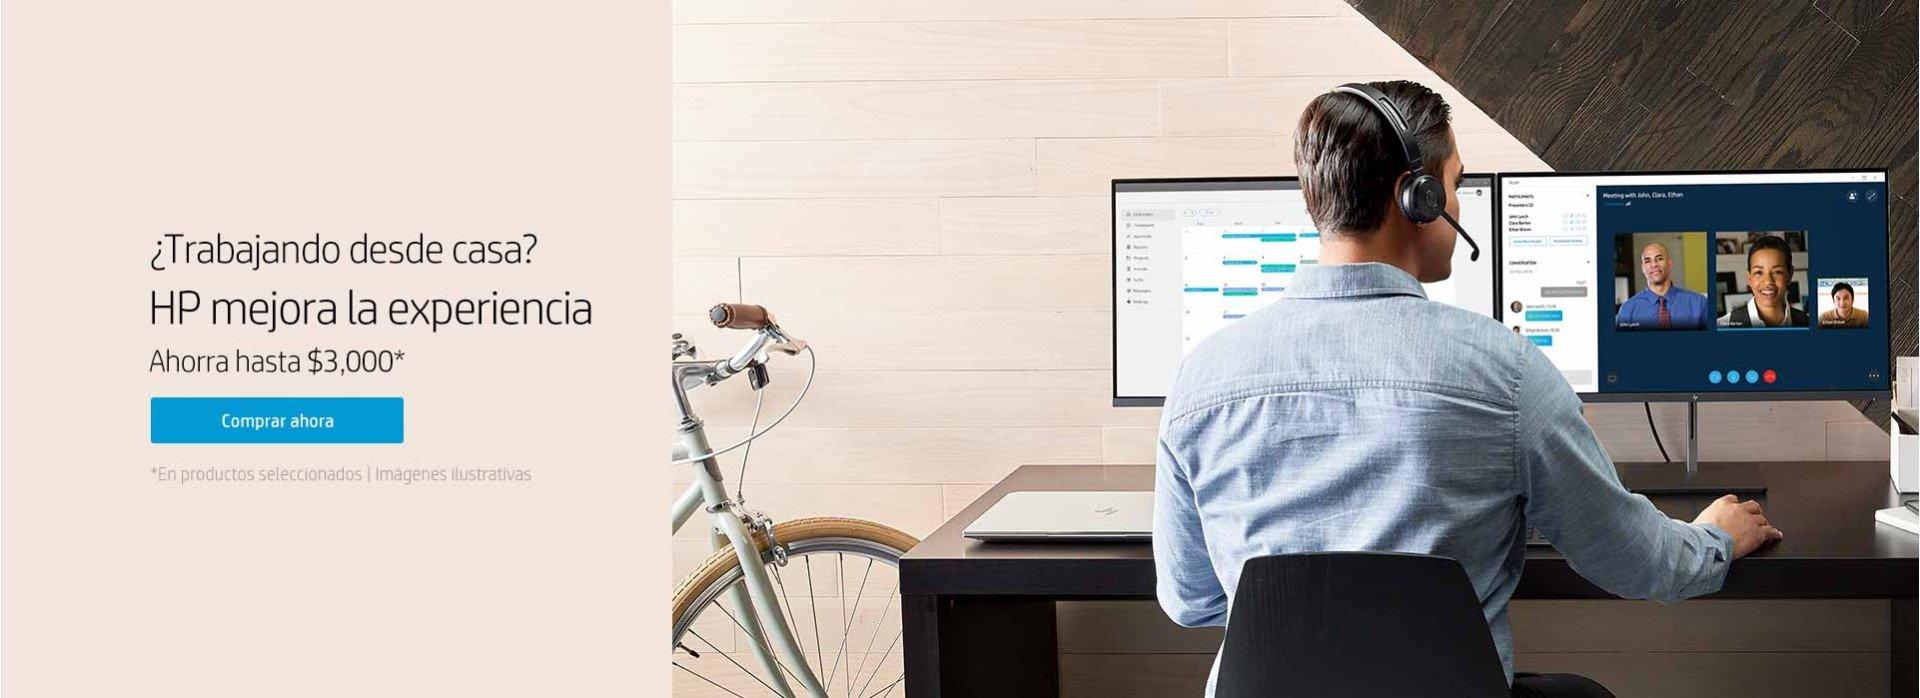 ¿Trabajando desde casa? HP mejora la experiencia